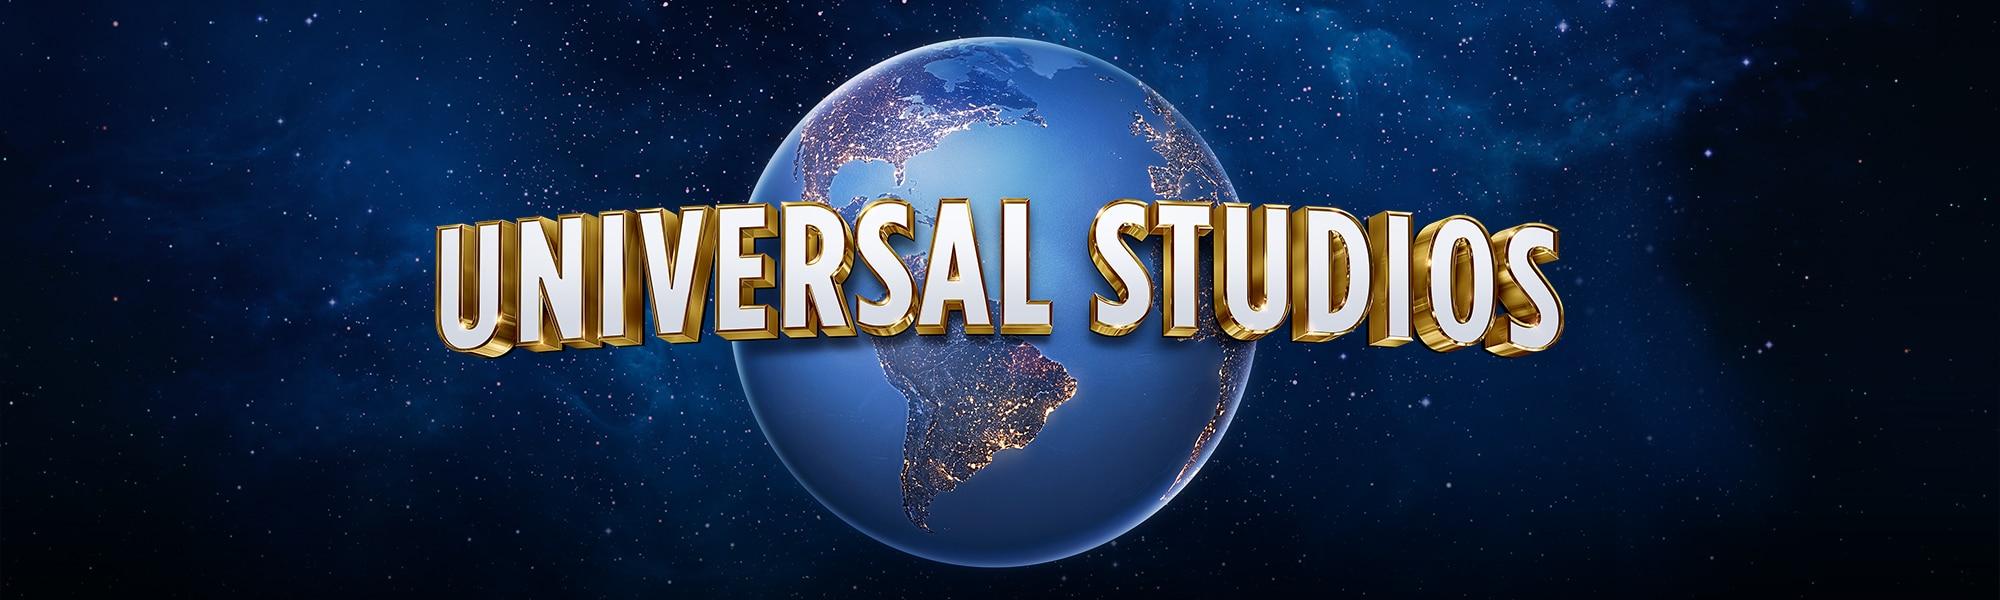 Shop Universal Studios Merchandise